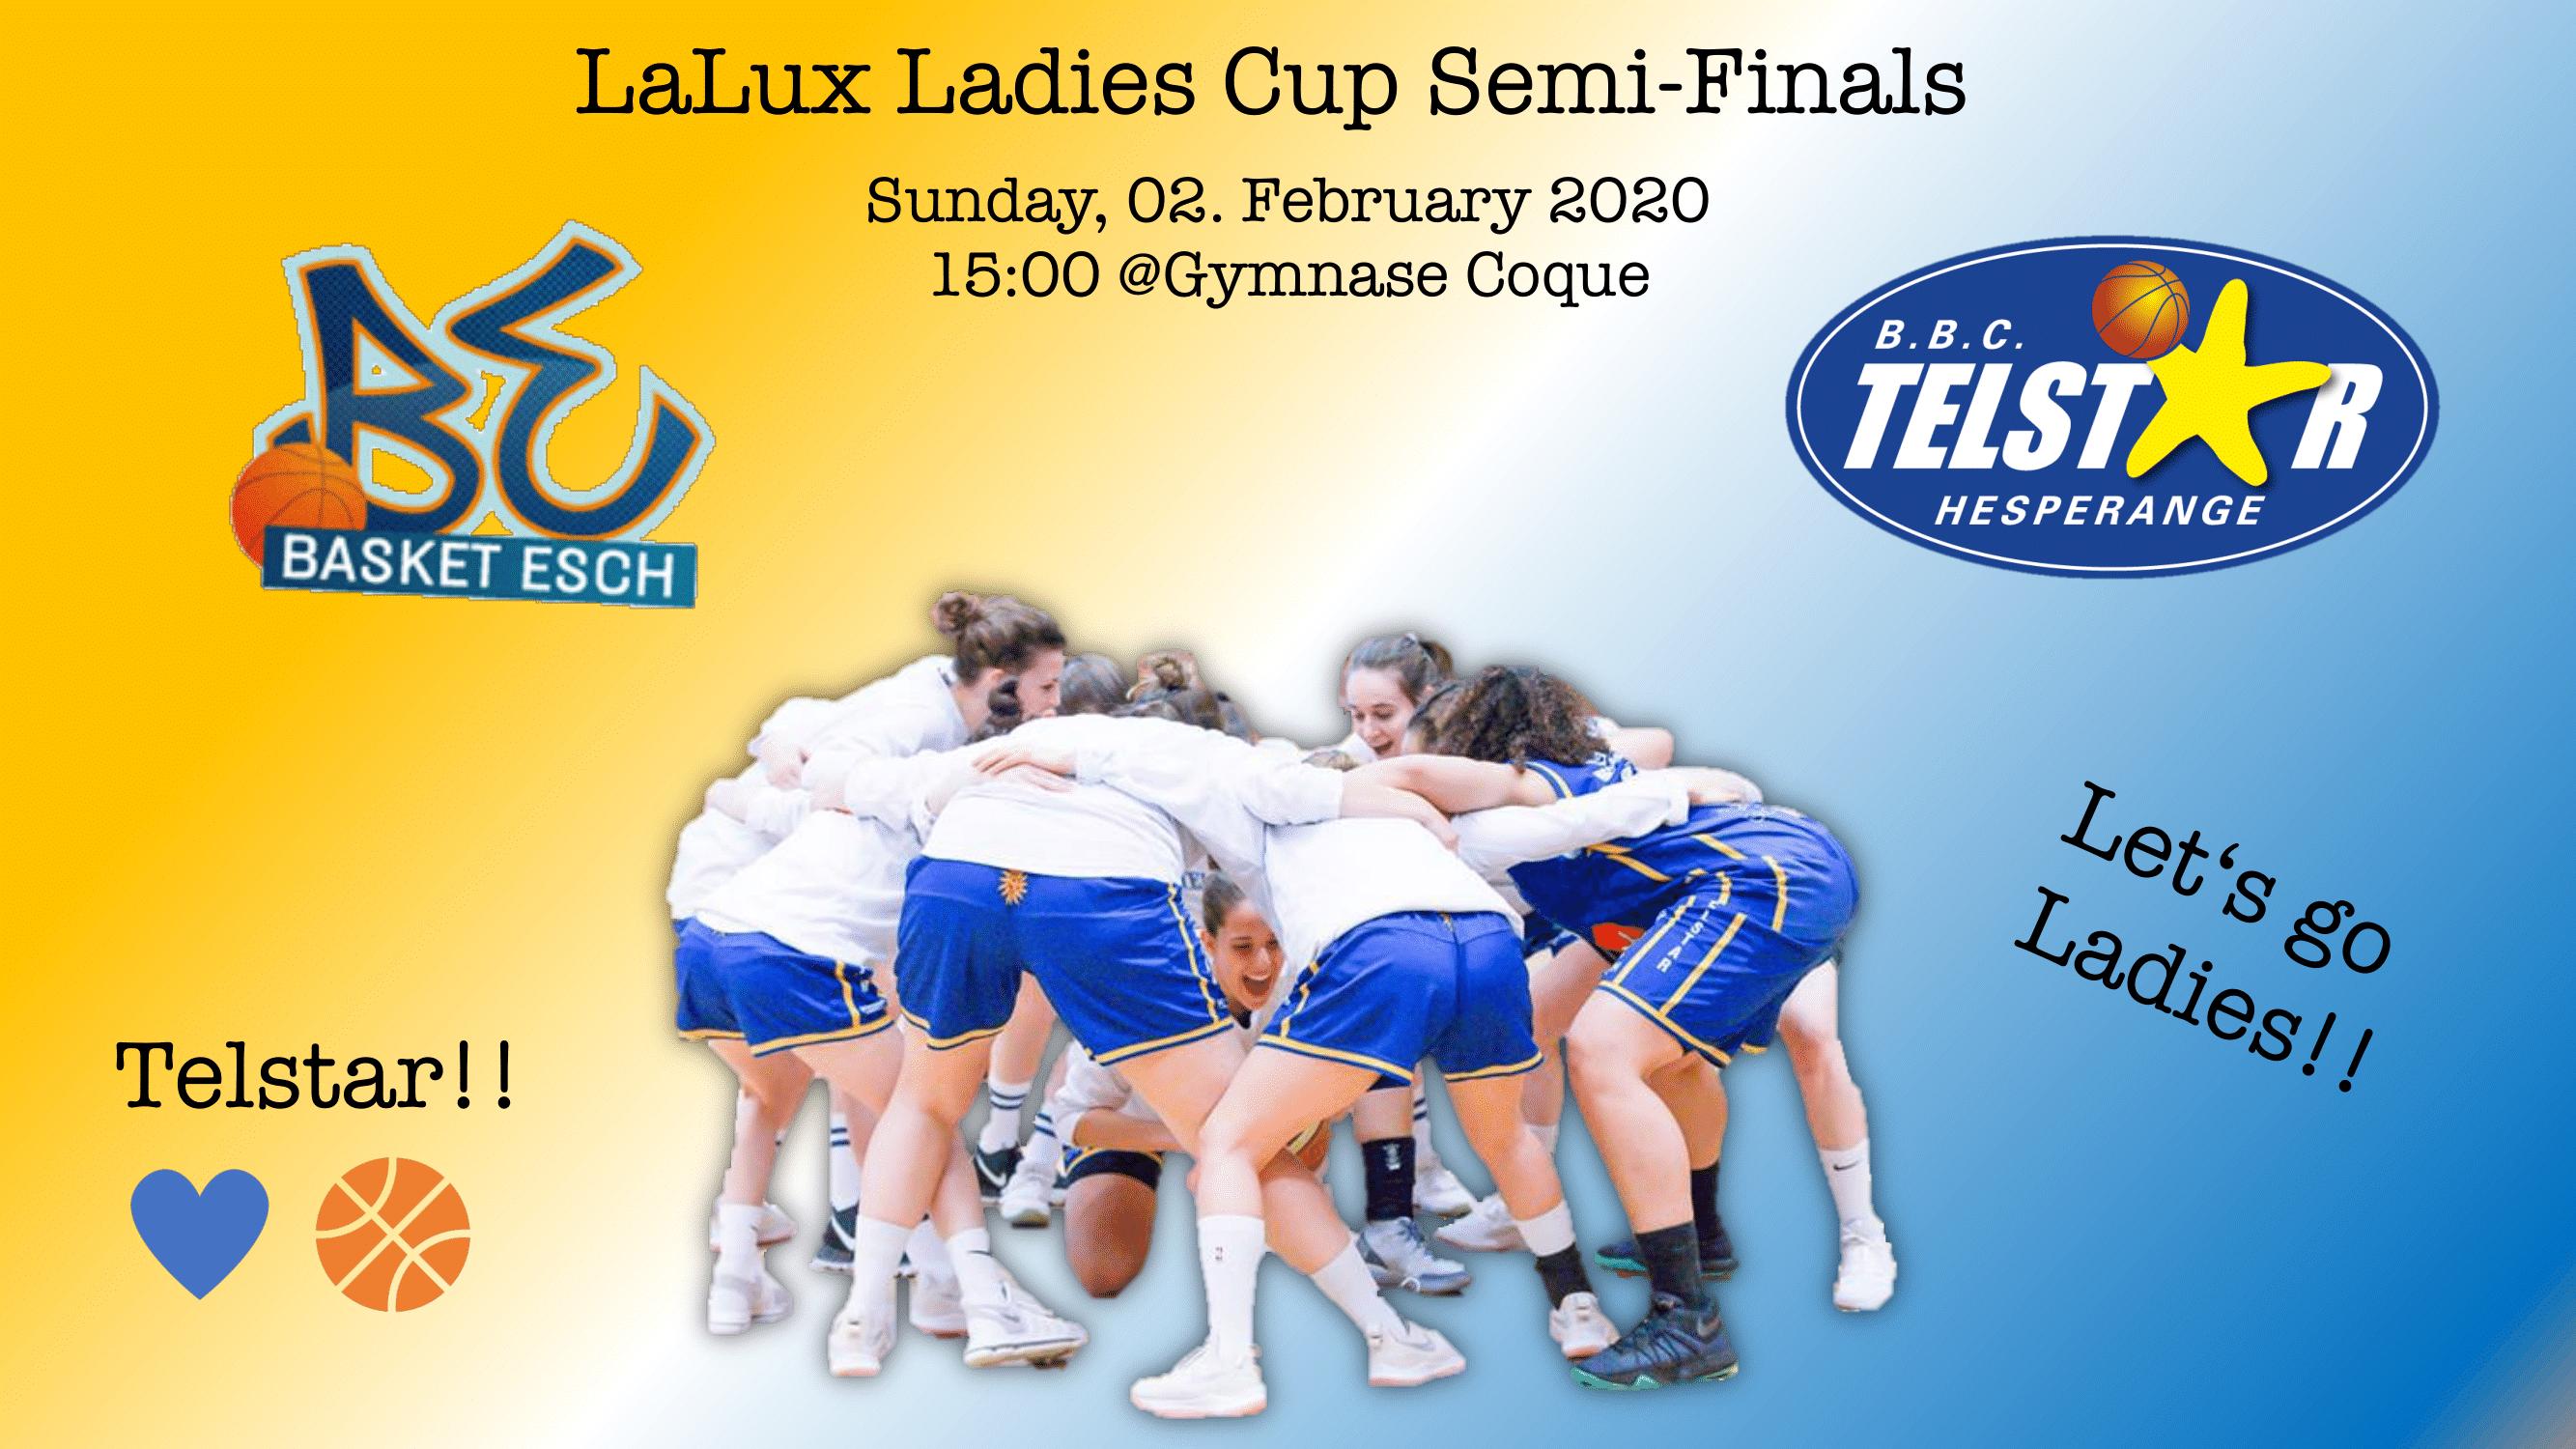 LaLux Ladies Cup 1/2 Final: Esch - Telstar